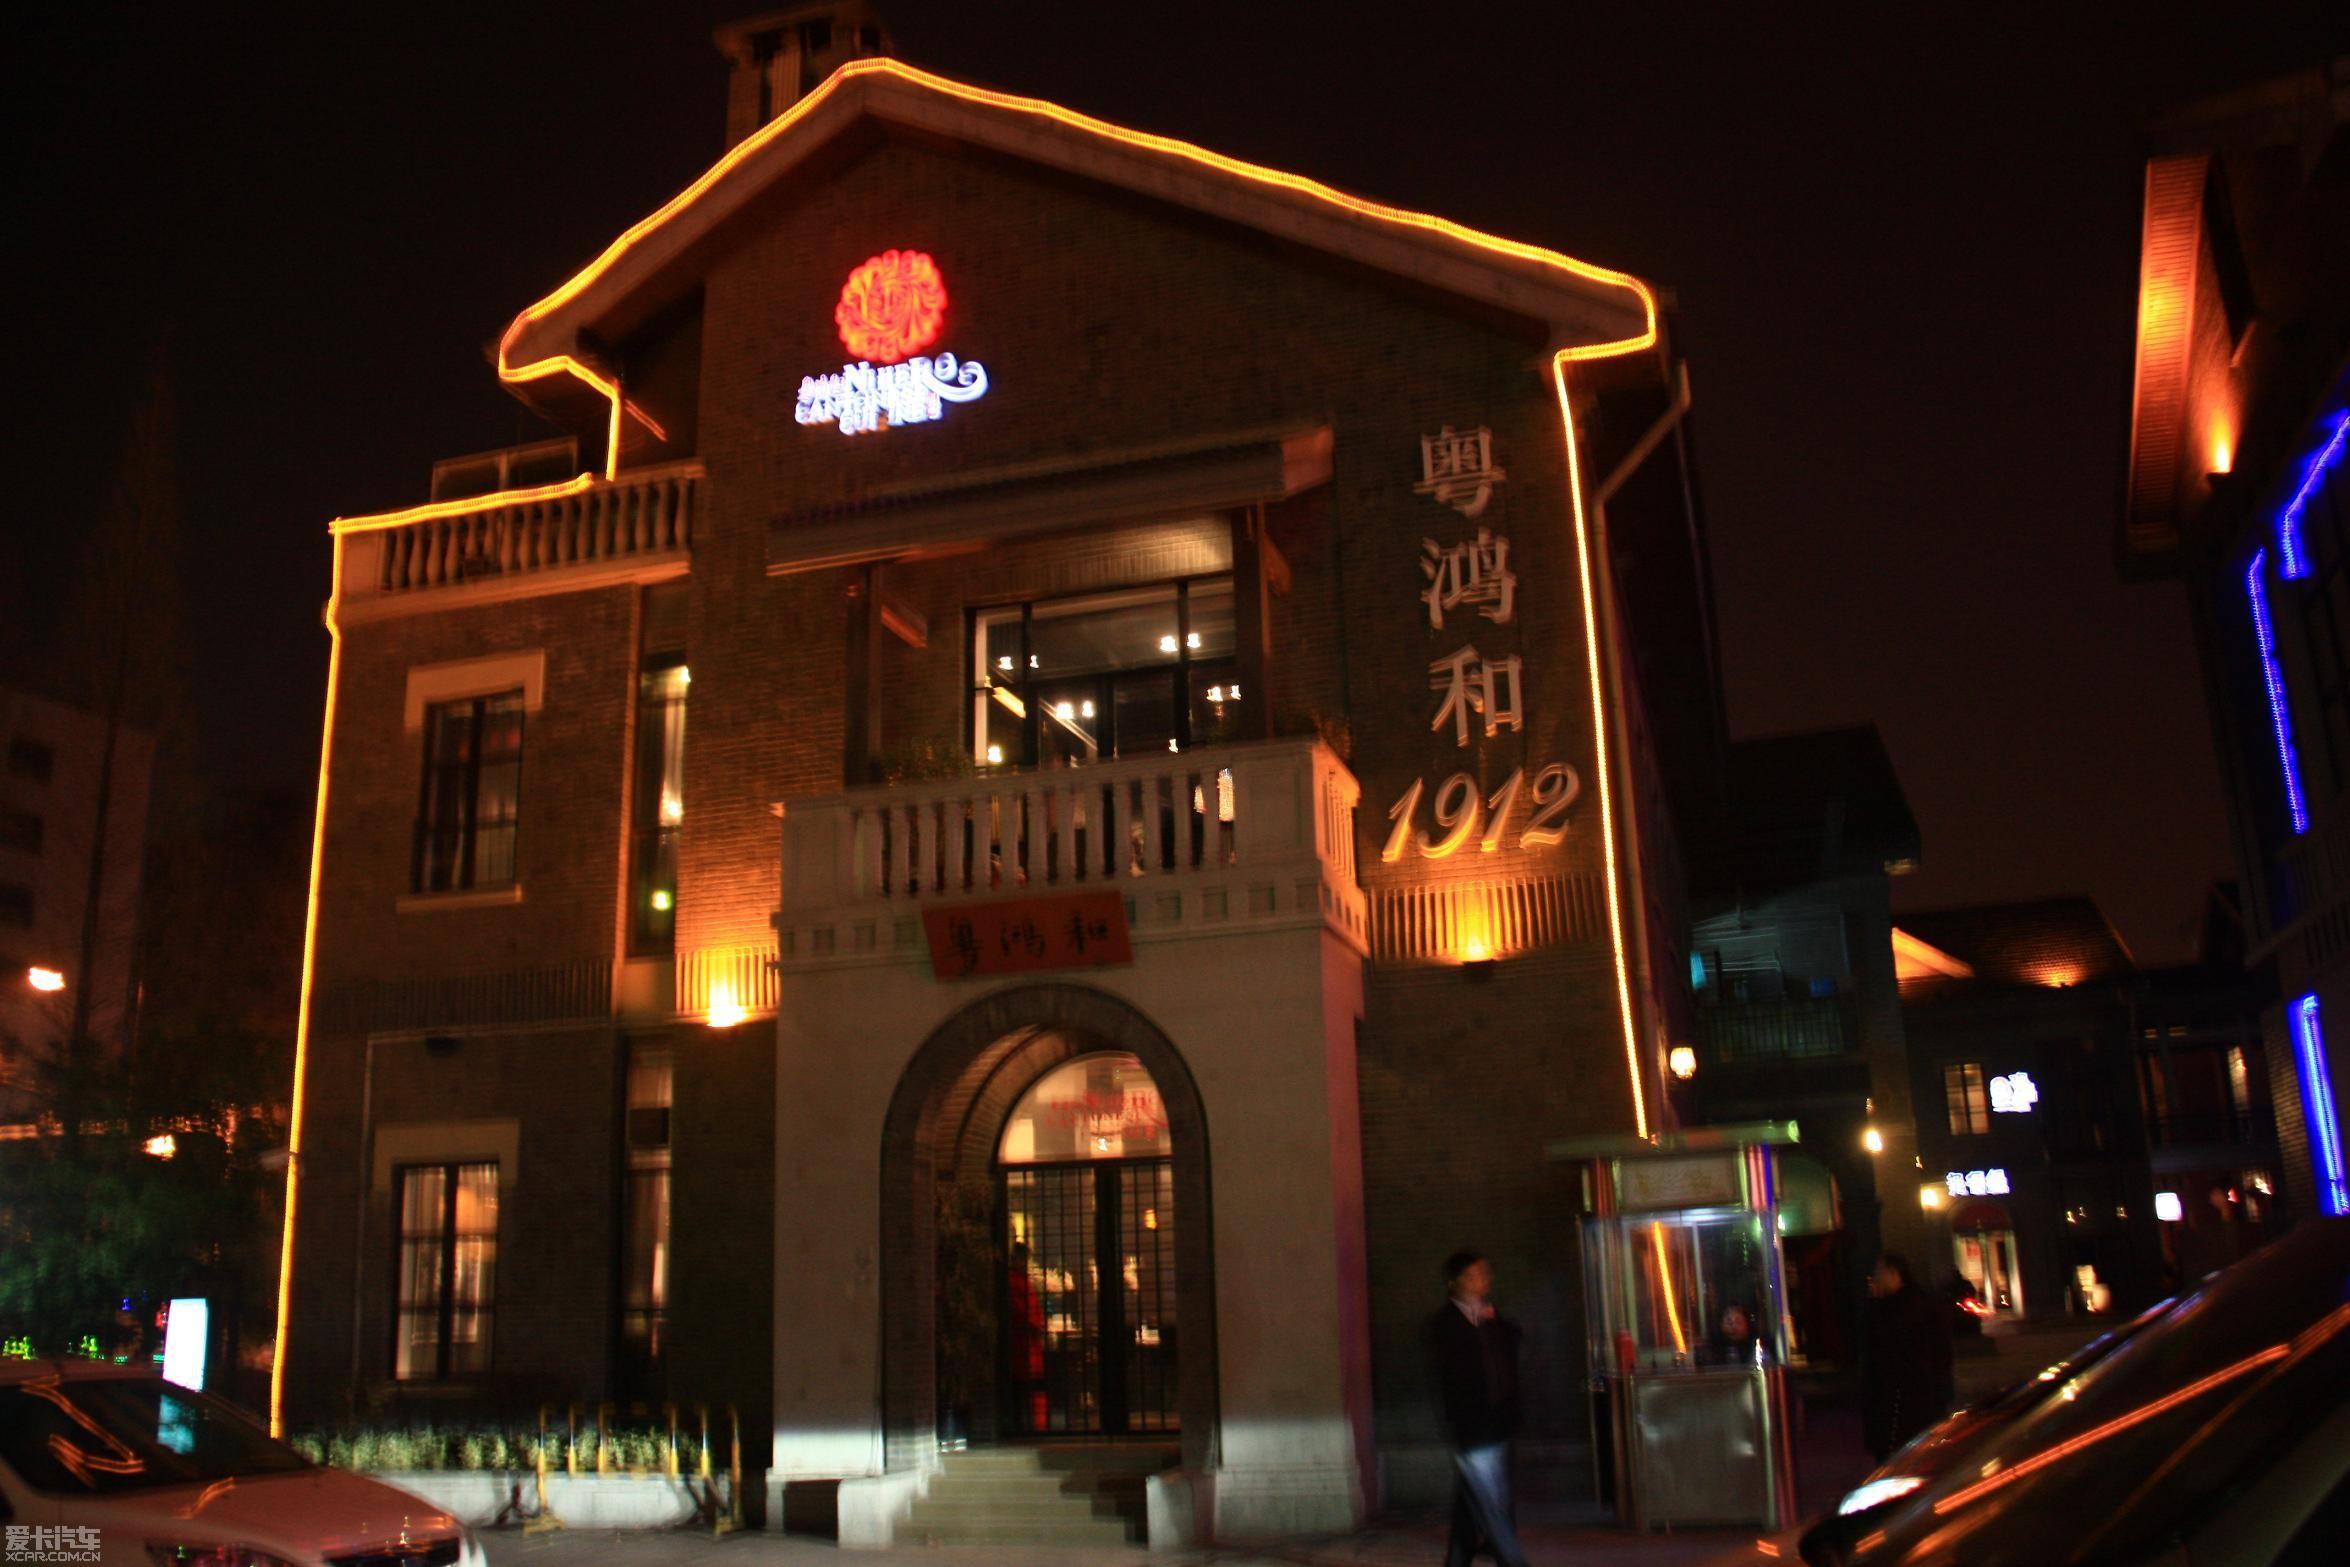 夜晚的南京1912